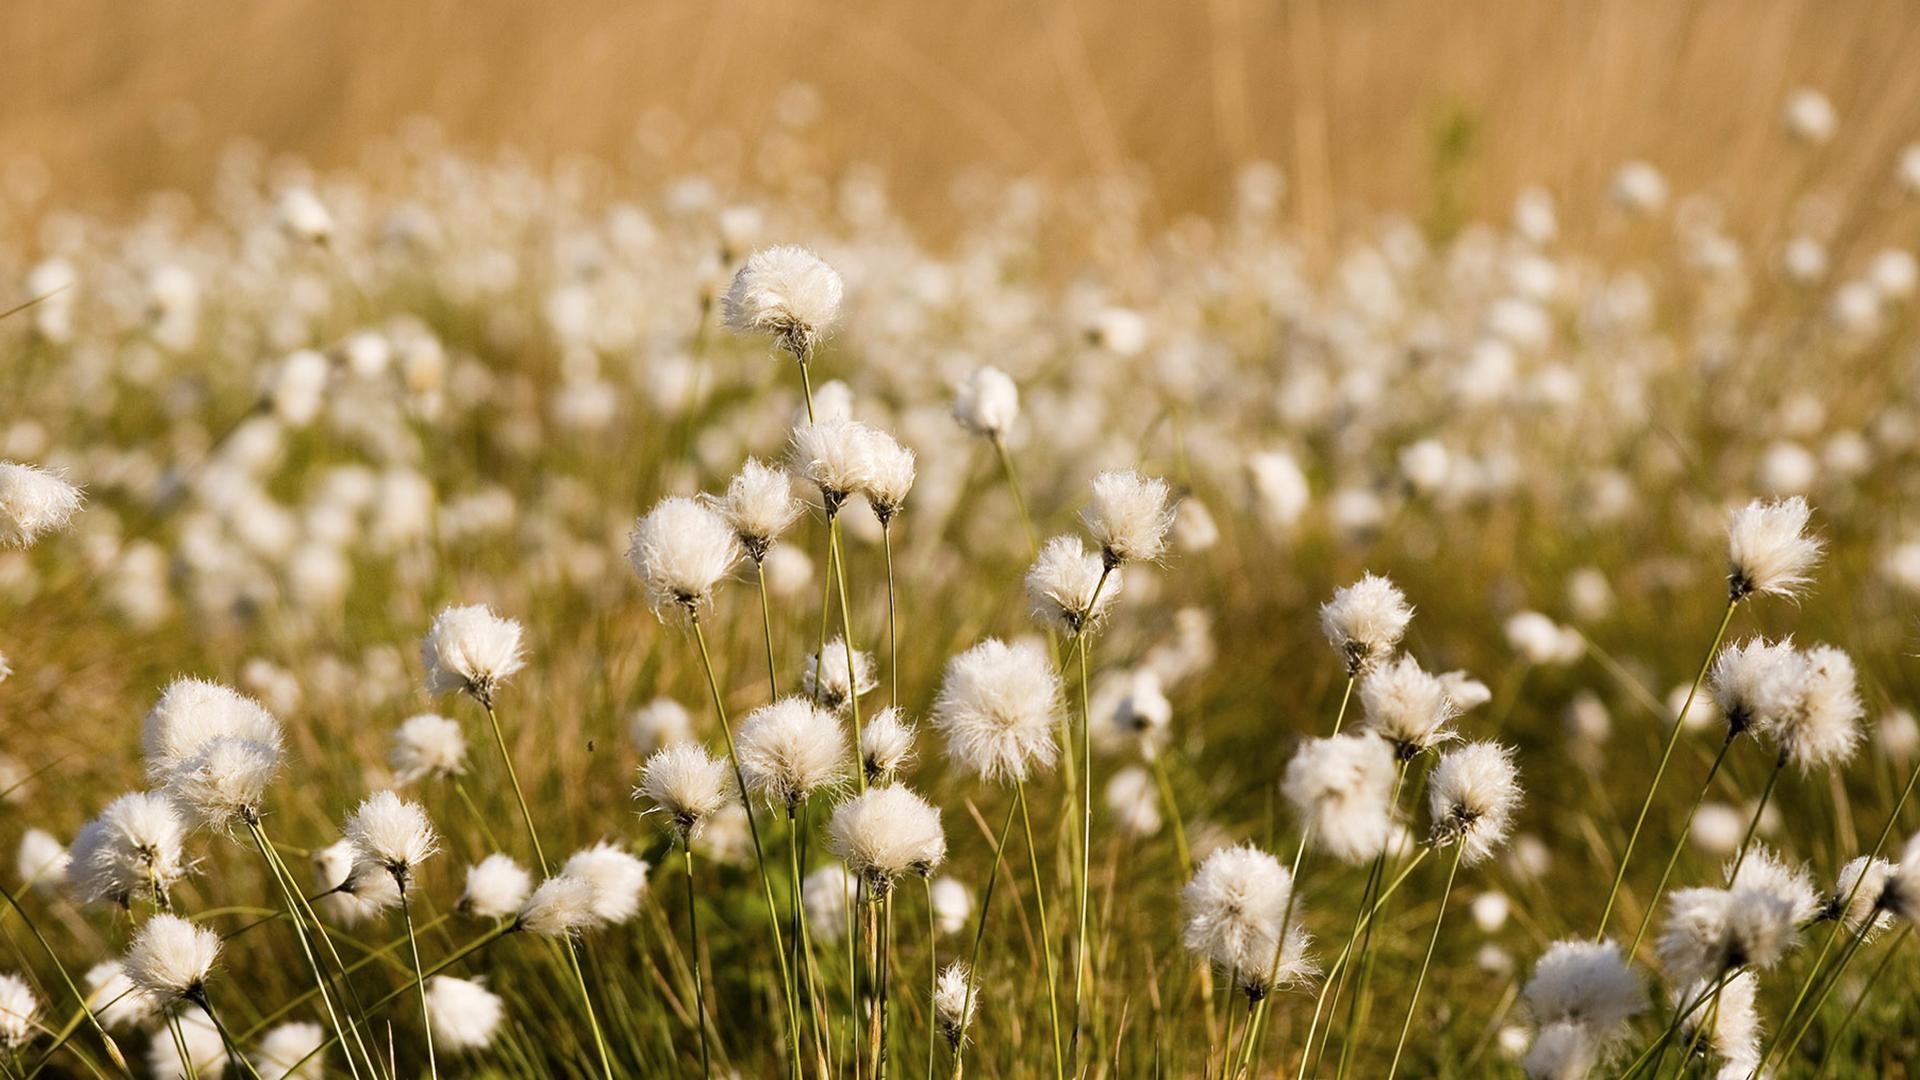 Wollgrasfrüchte nach der Blüte – Eriophorum vaginatum – Fotograf Dirk Grasse